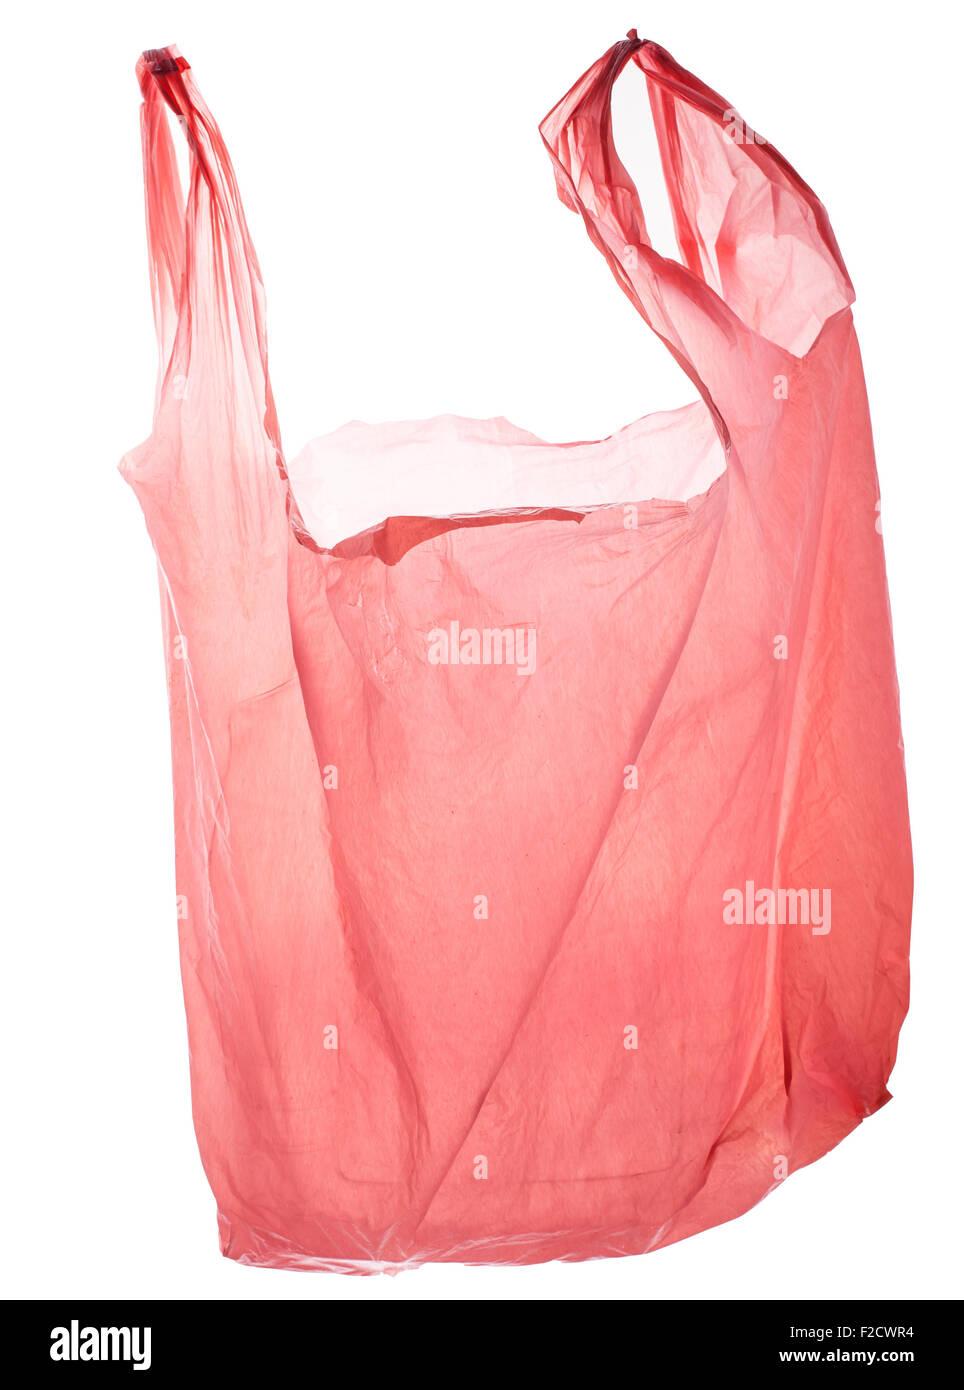 Rosa vuota il sacchetto in plastica, back lit, flottante Immagini Stock